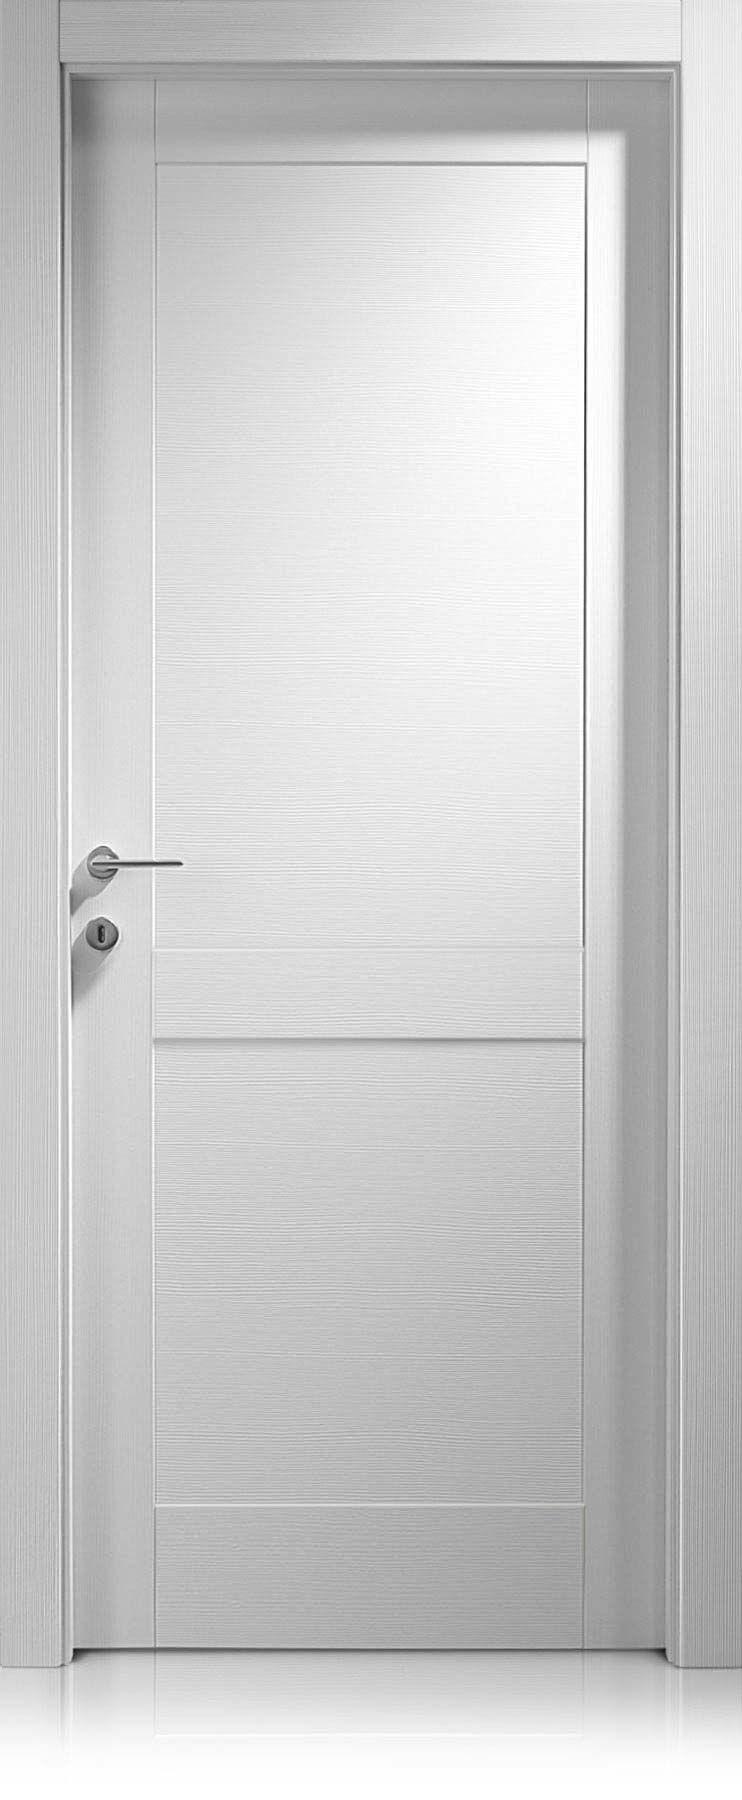 Ferrero Legno Porte / Replica / Area / 3 / Grafis bianco | Dyer per ...